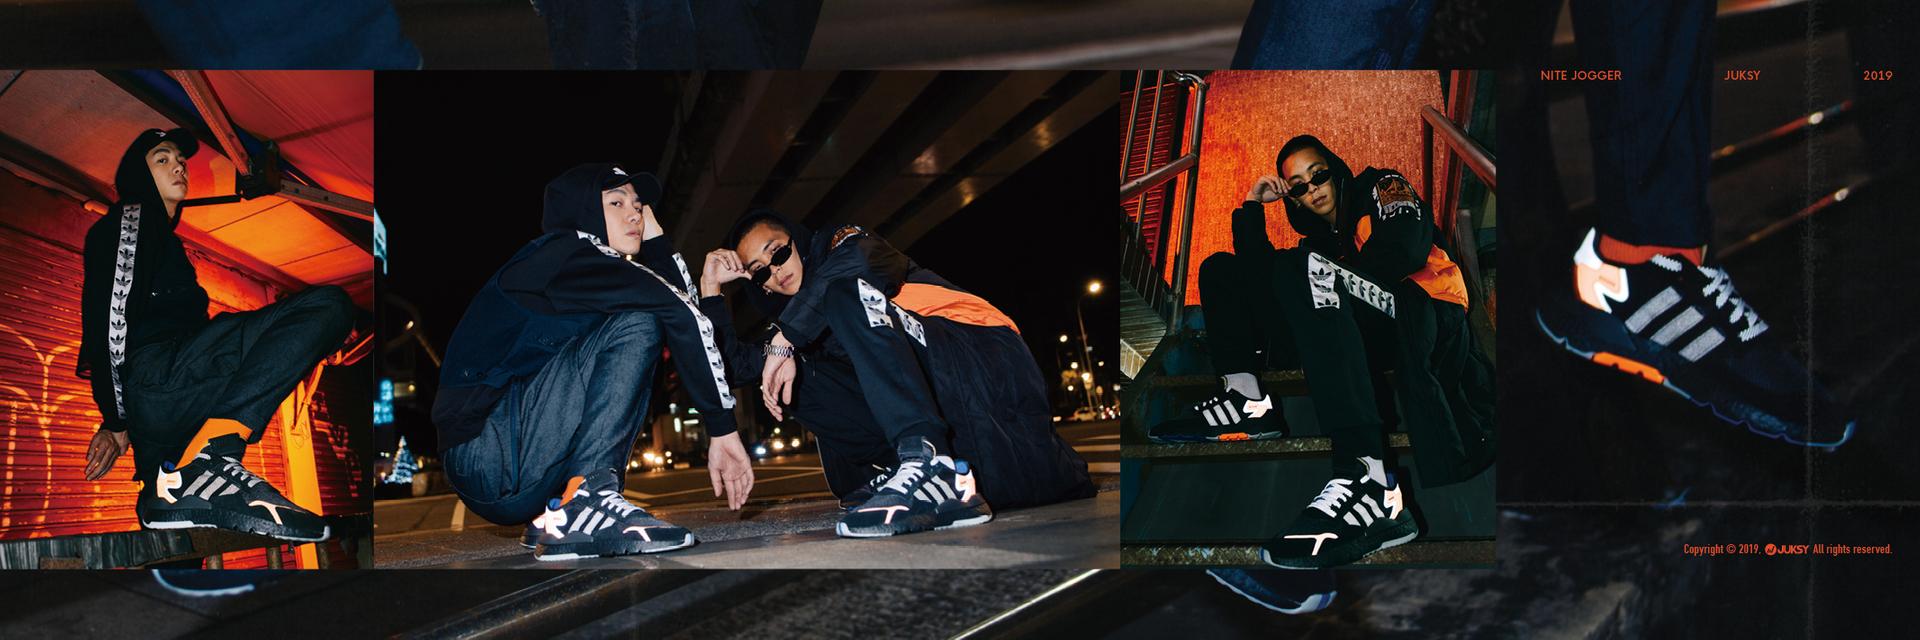 謎樣黑炫光重襲街頭!黑的發光才夠悍, adidas Originals 再揭最強武器制霸潮流界!